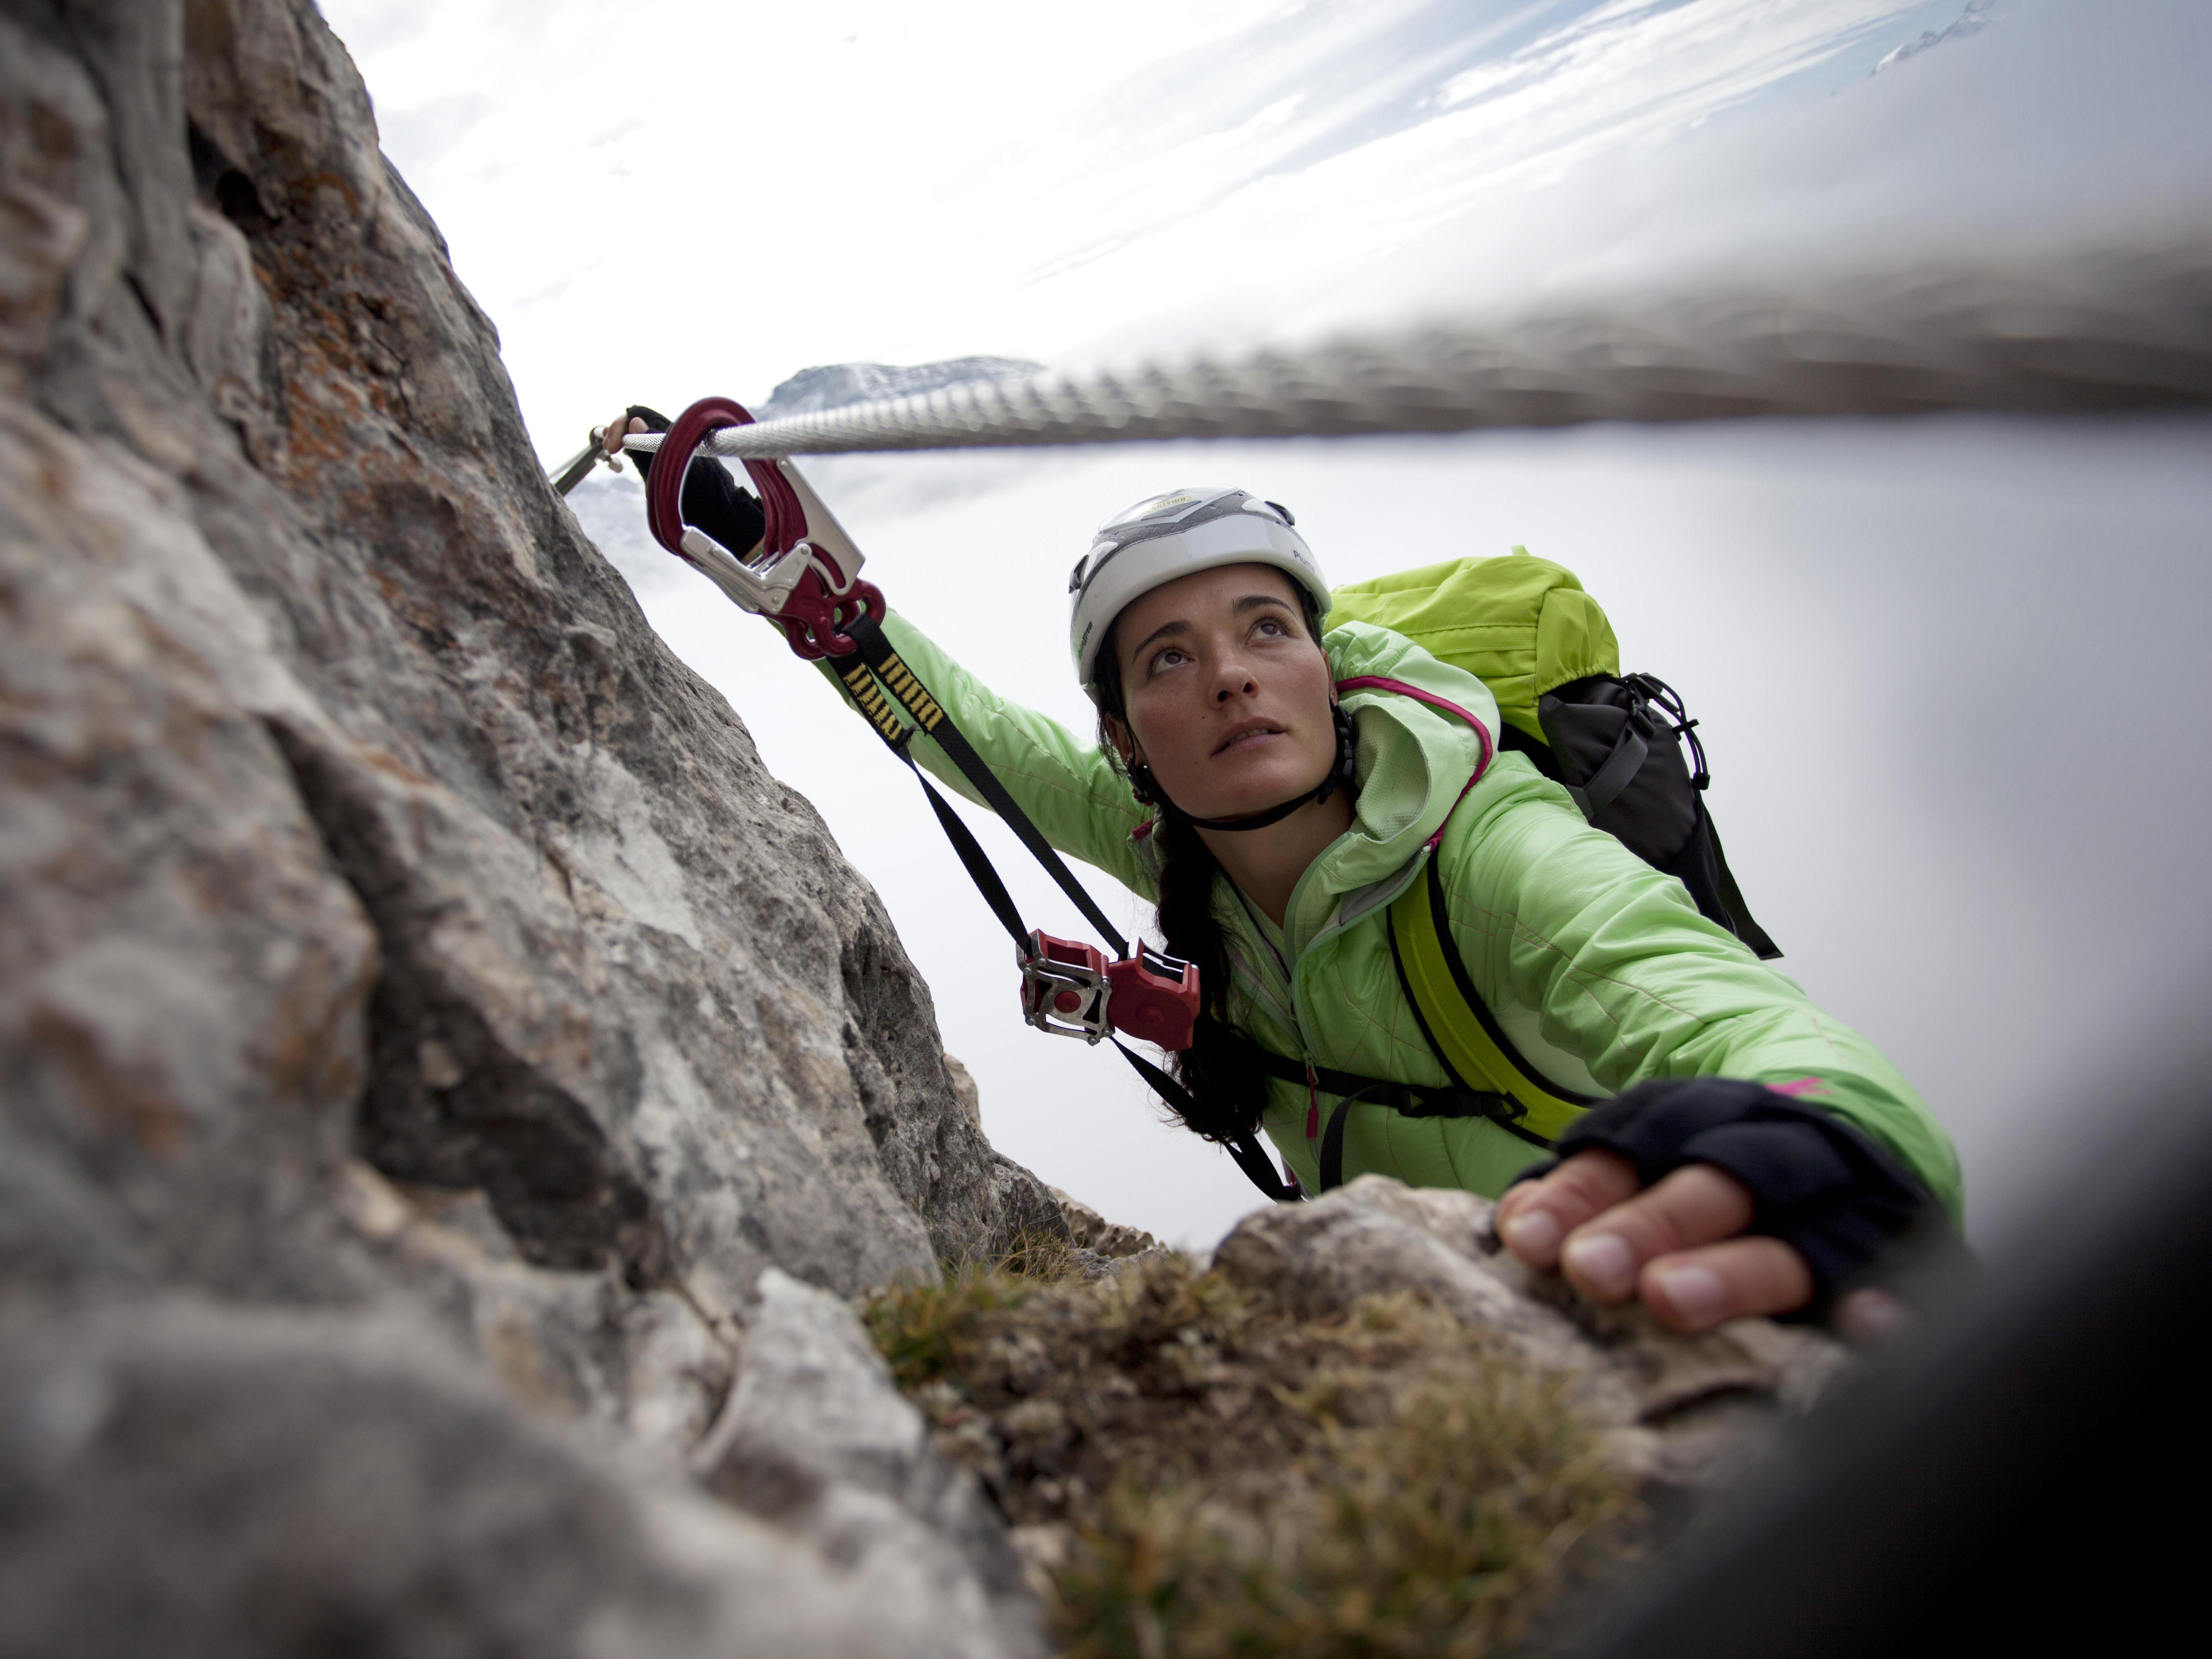 Klettersteig Englisch : Update klettersteig alpenverein